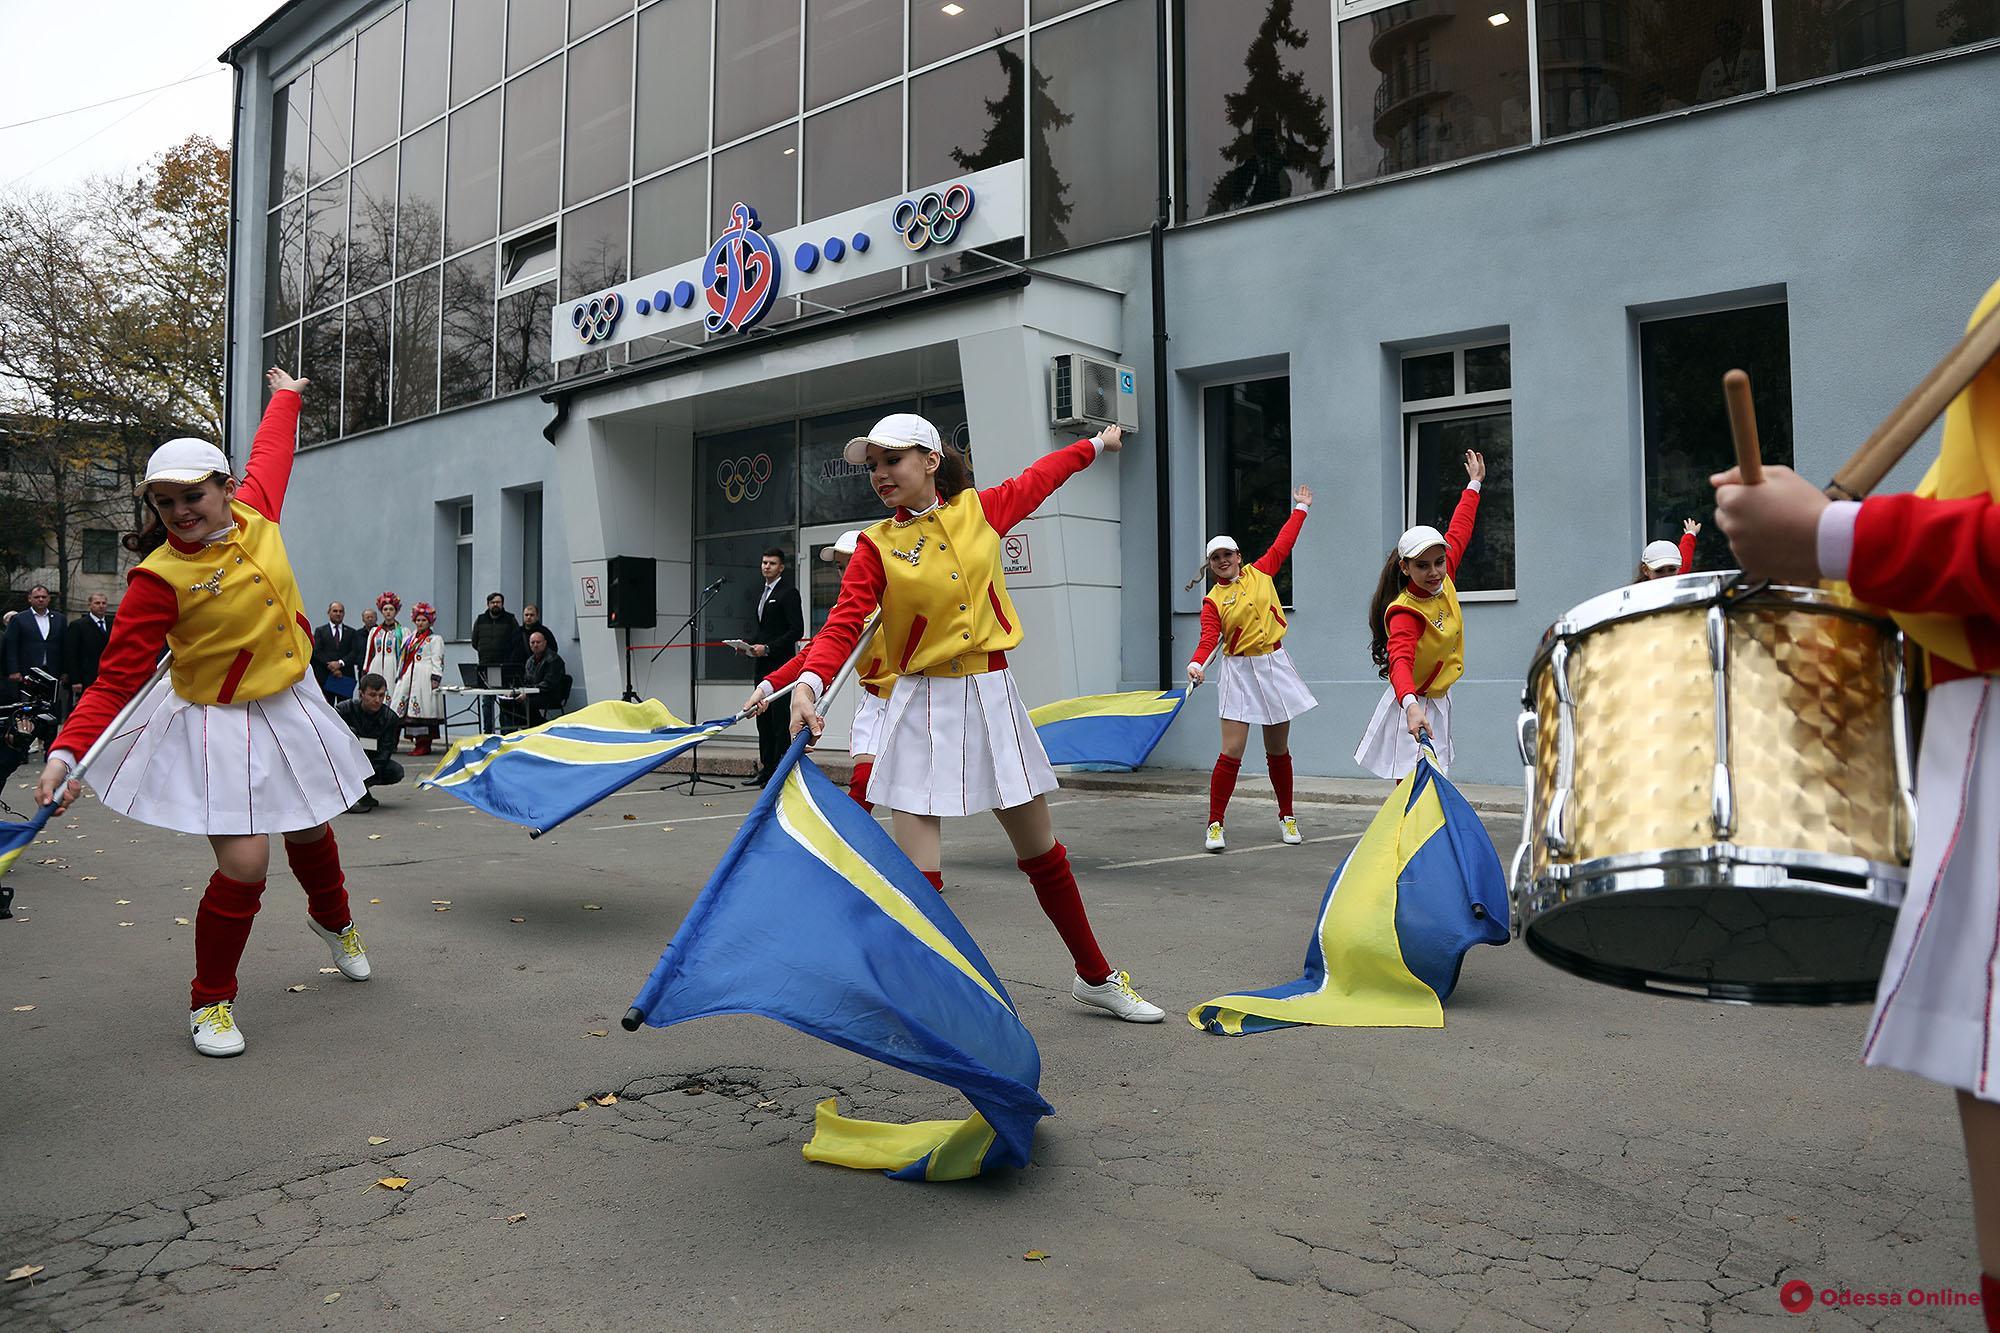 В Одессе после капремонта открыли спорткомплекс «Динамо» (фото)